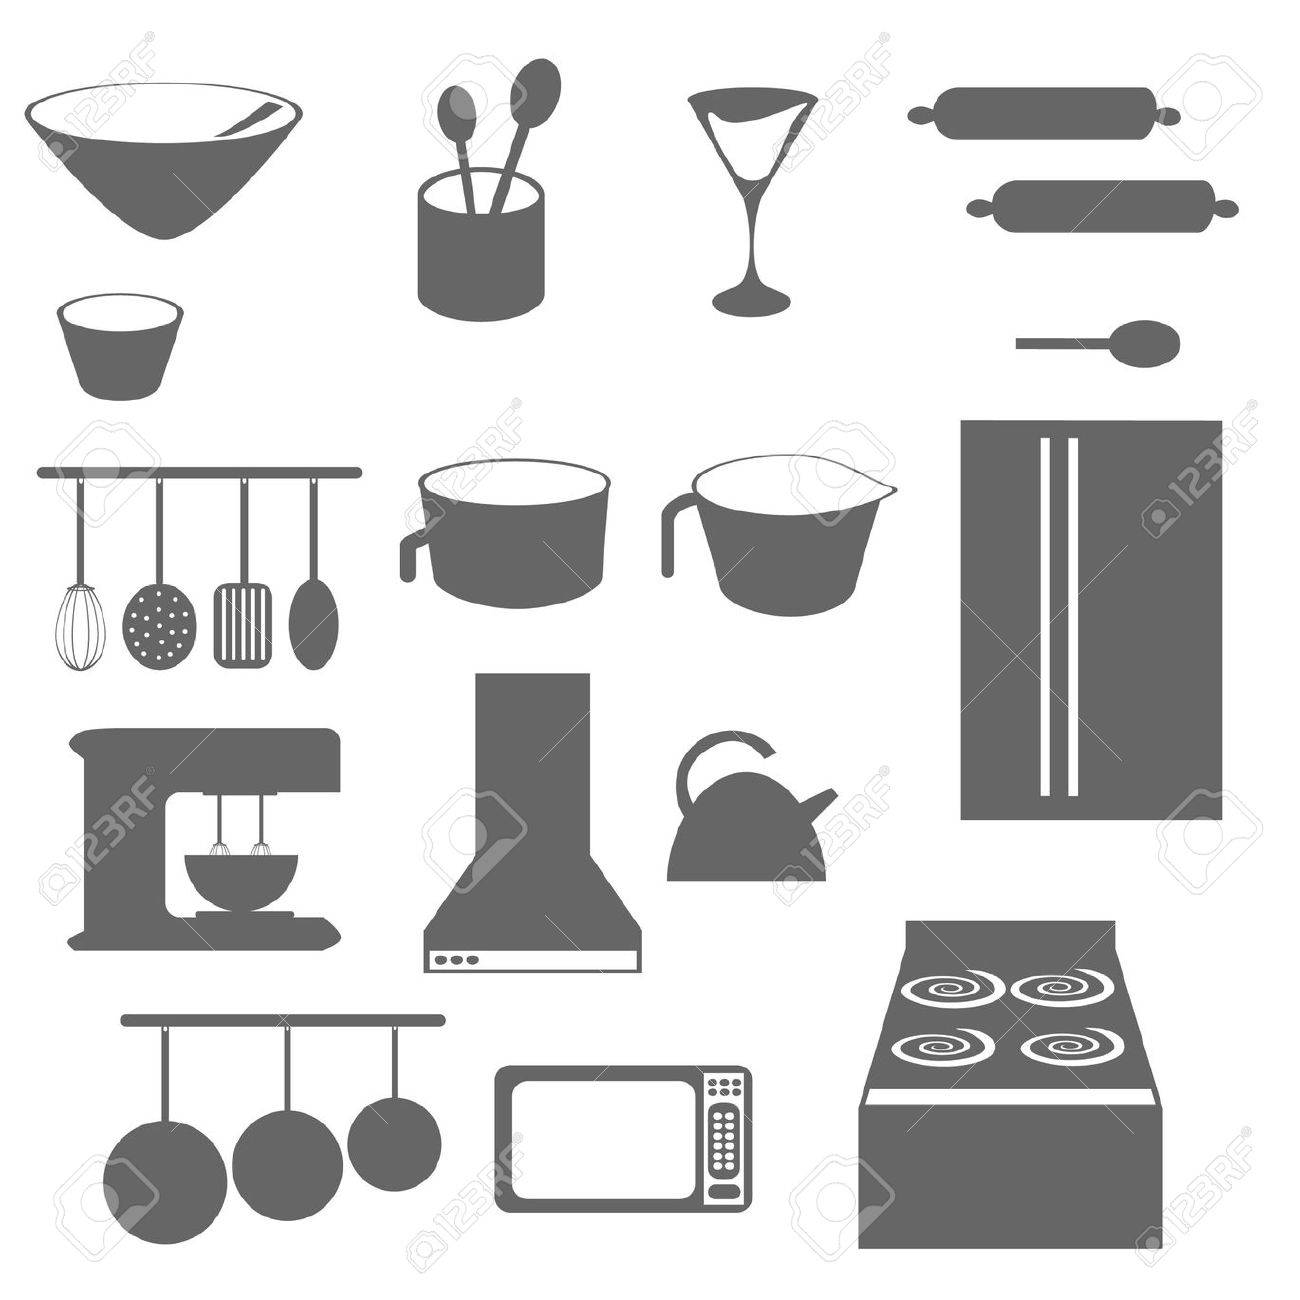 Oggetti Da Cucina Icone In Scala Di Grigi O Silhouette Clipart ...